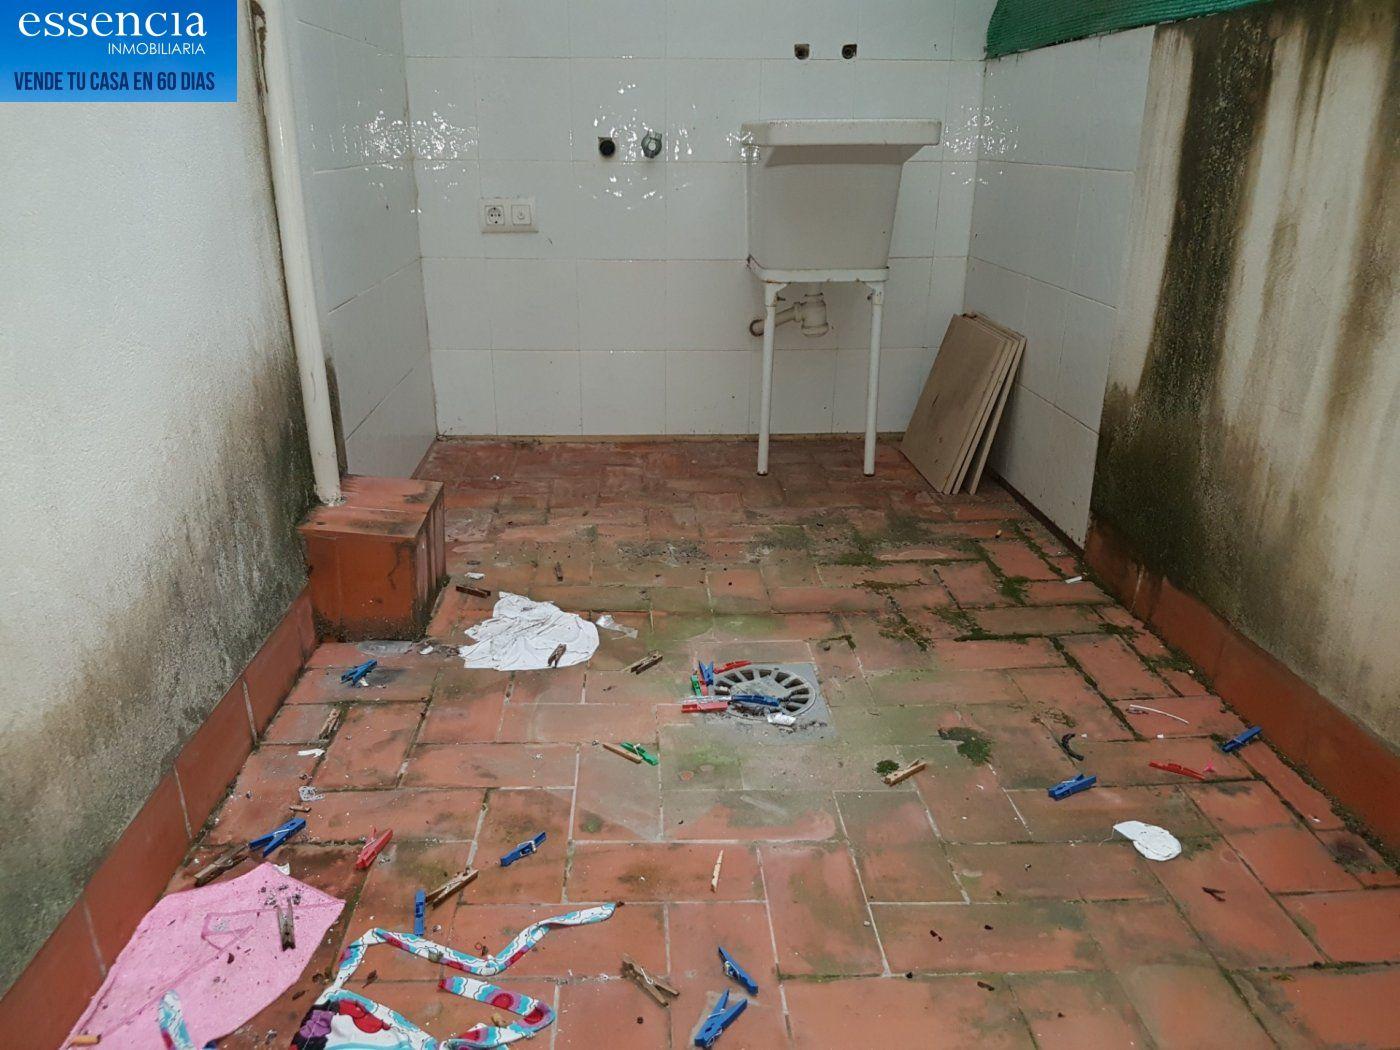 Piso en entresuelo de 2 dormitorios y 1 baño con patio - imagenInmueble9